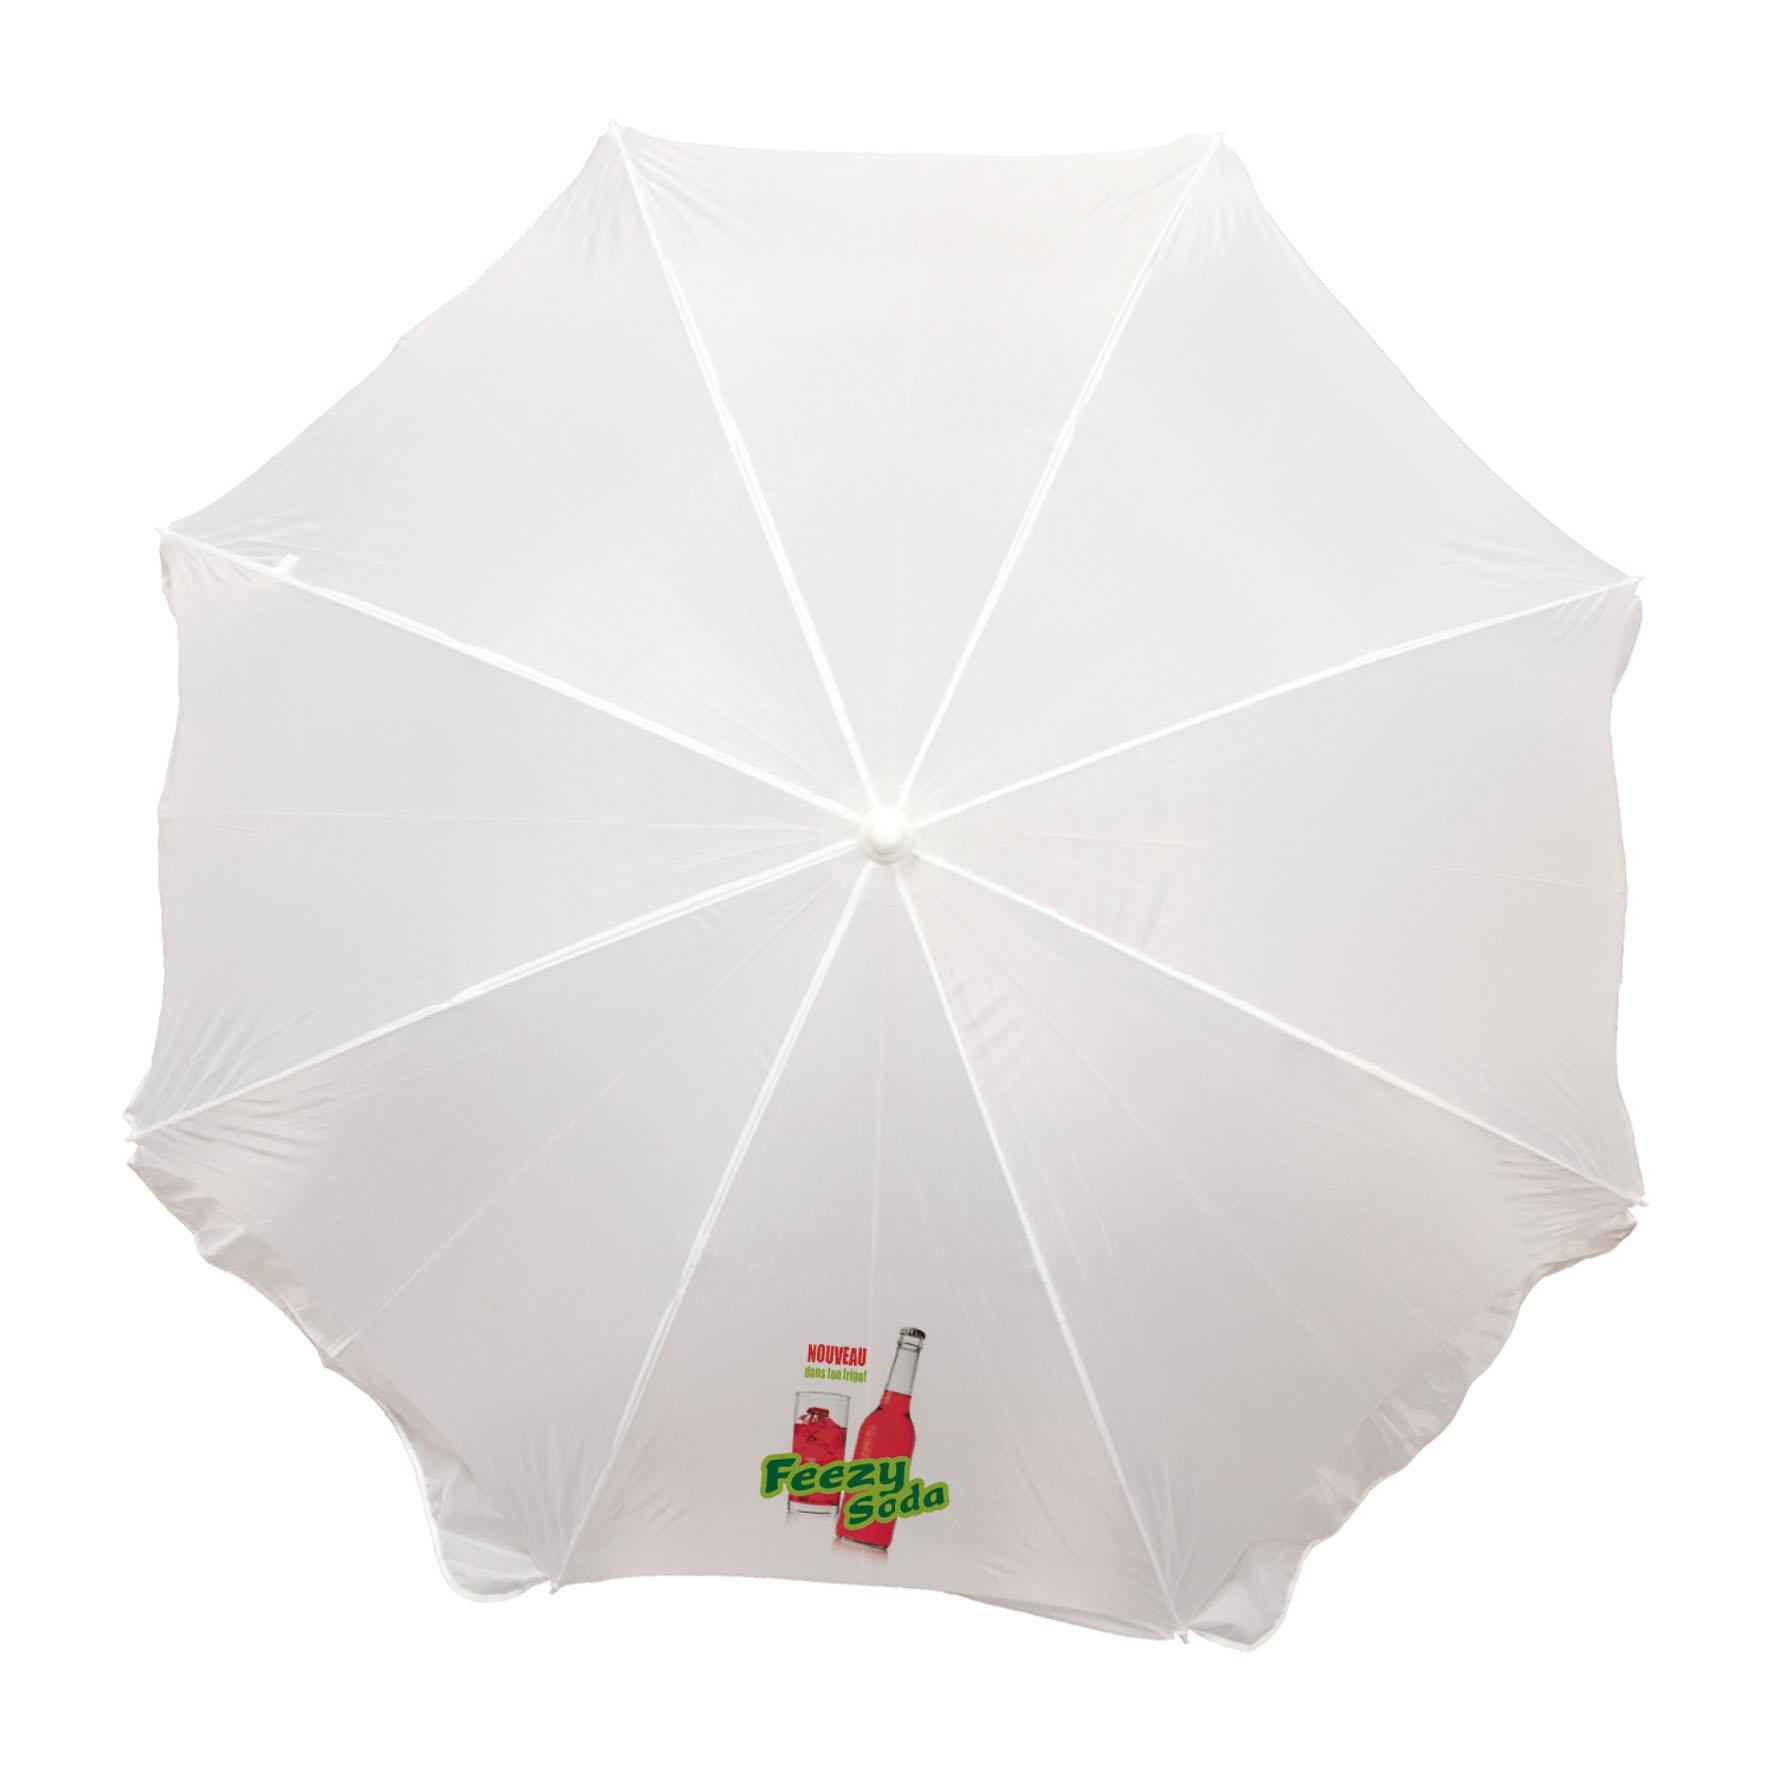 Cadeau publicitaire - Parasol publicitaire Plein Soleil - bleu